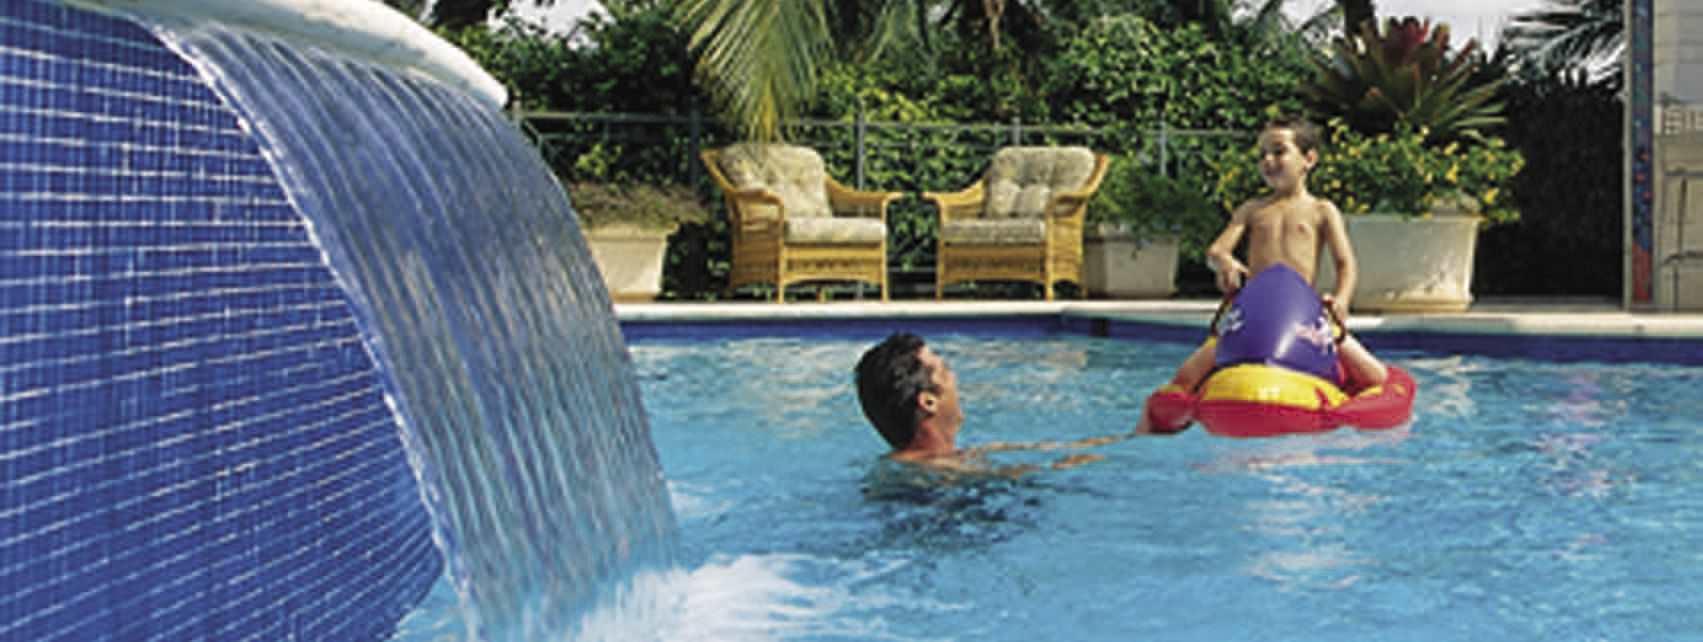 Swimming pool waterfall - MAGICFALLS™ WATER FALLS - Pentair ...